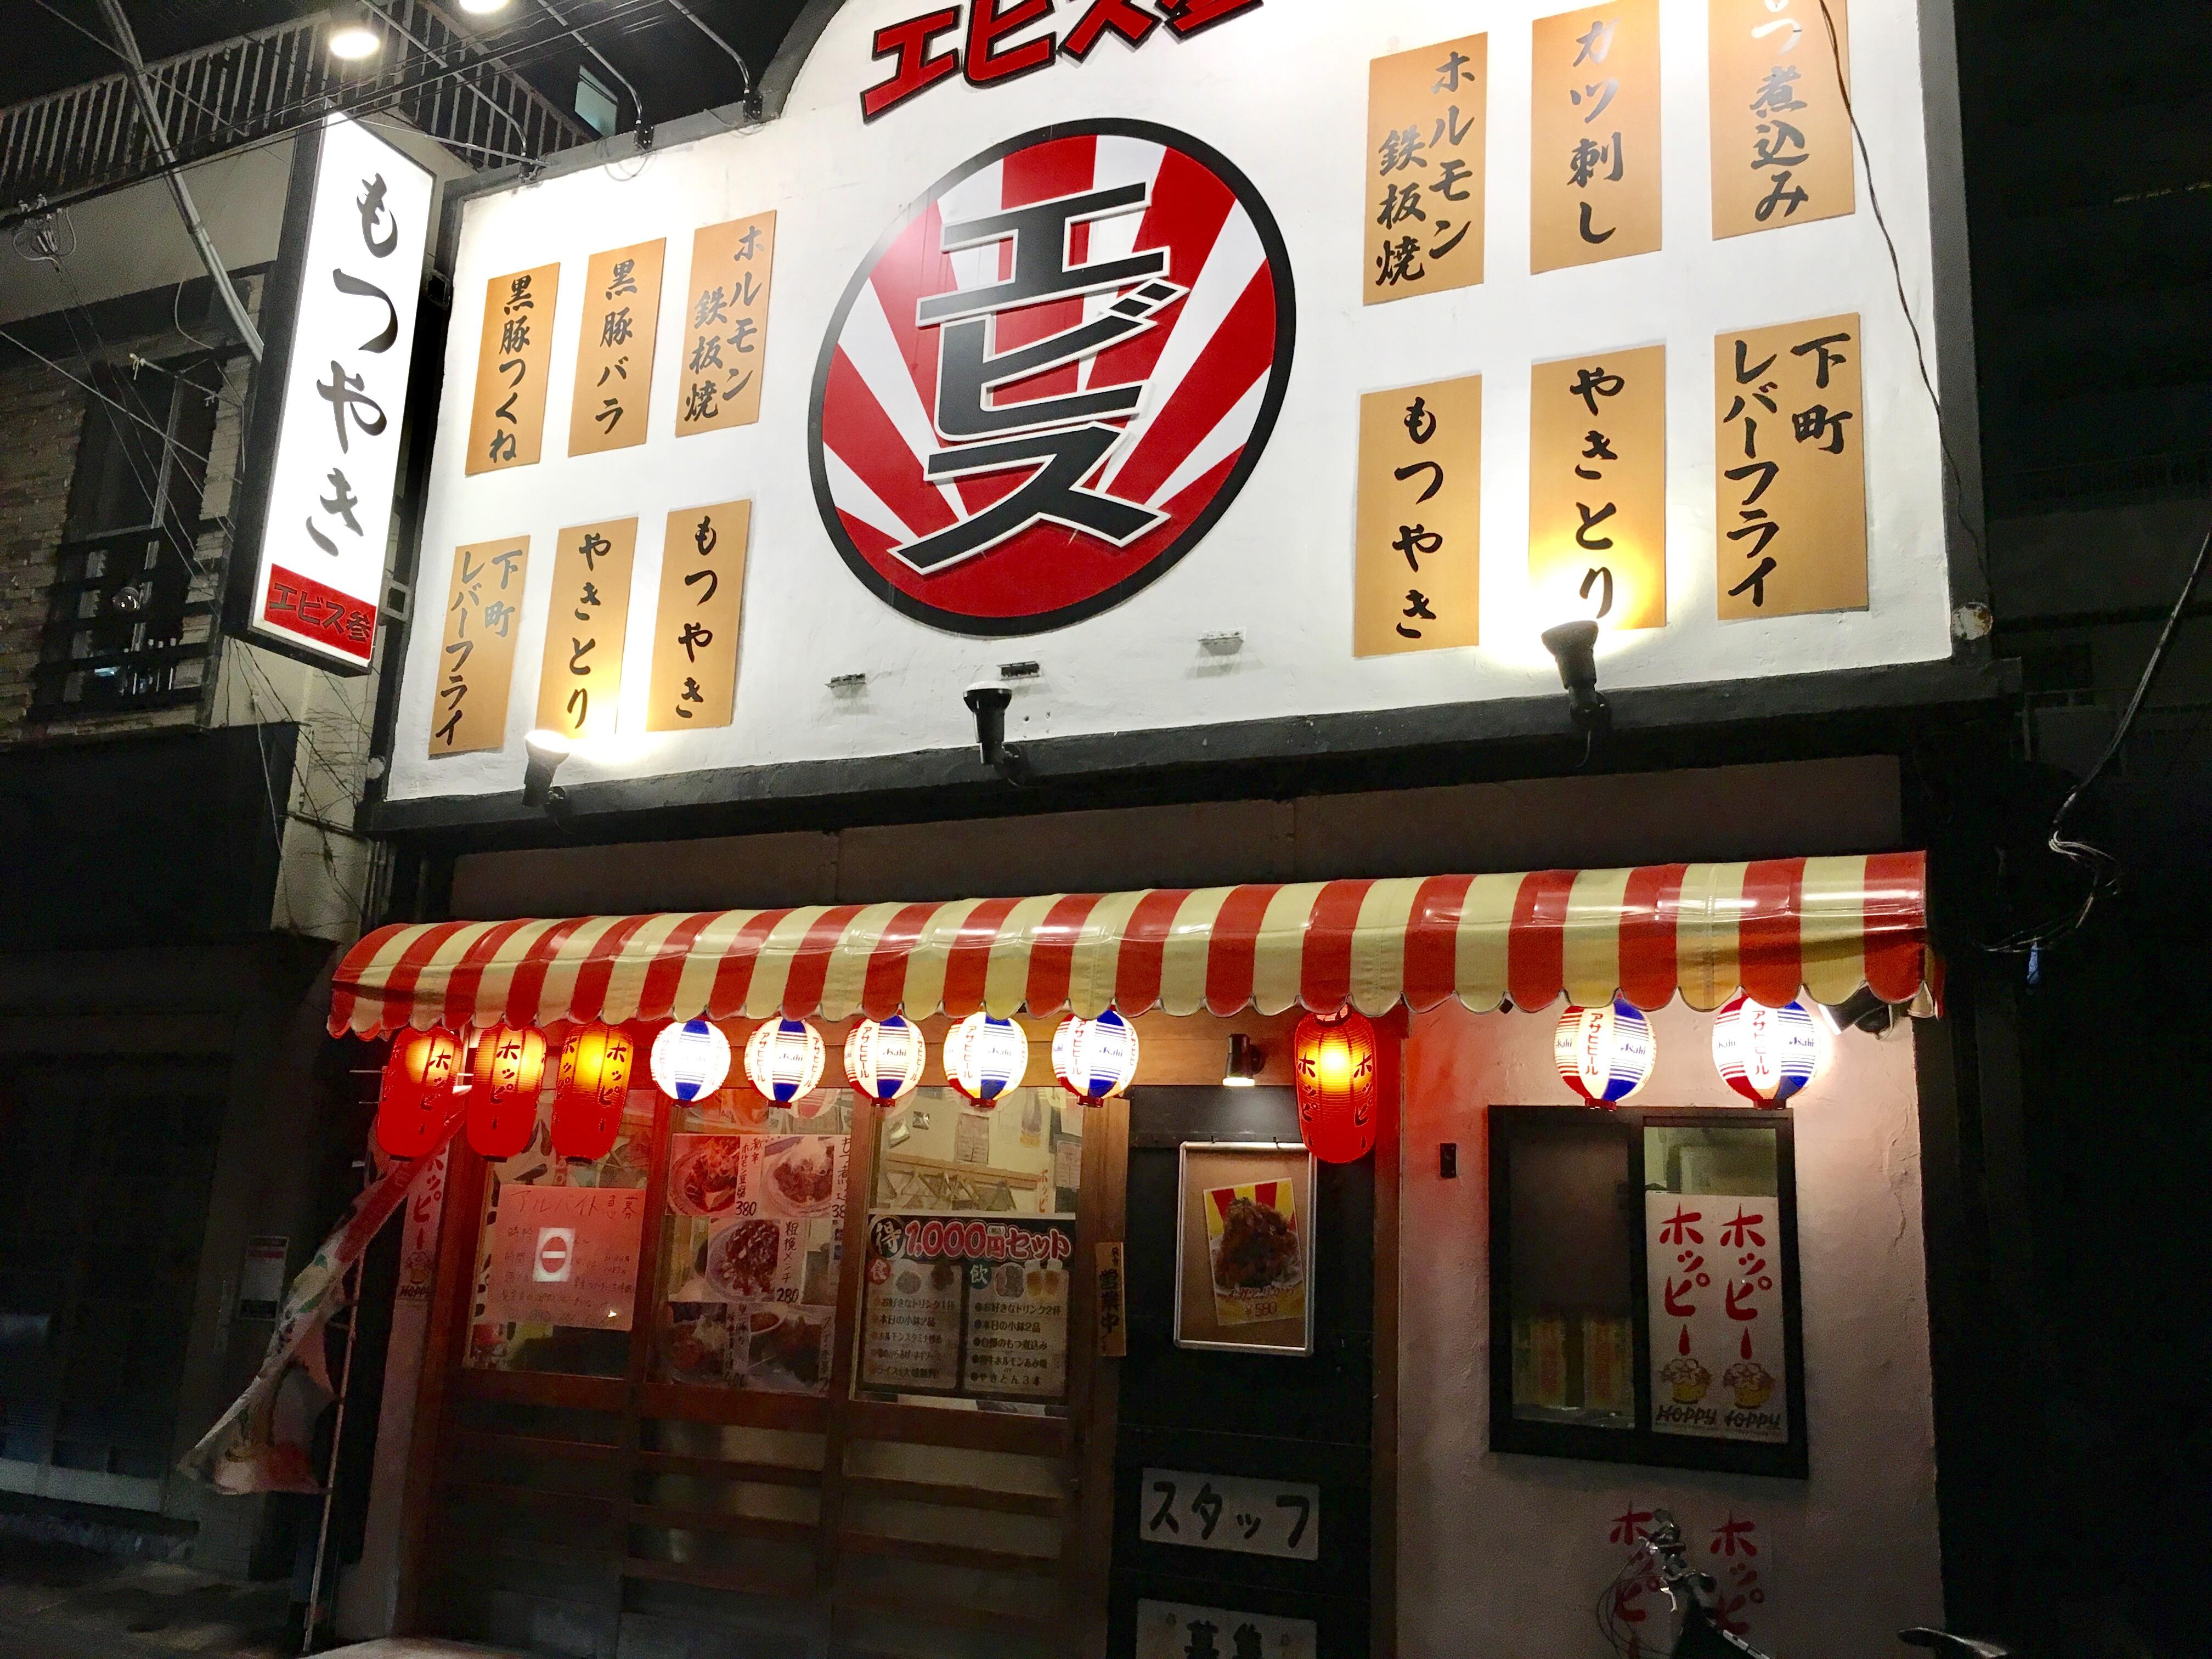 八王子もつ焼きエビス参の1000円セットがチョイ飲みの夏に便利だよって話!!